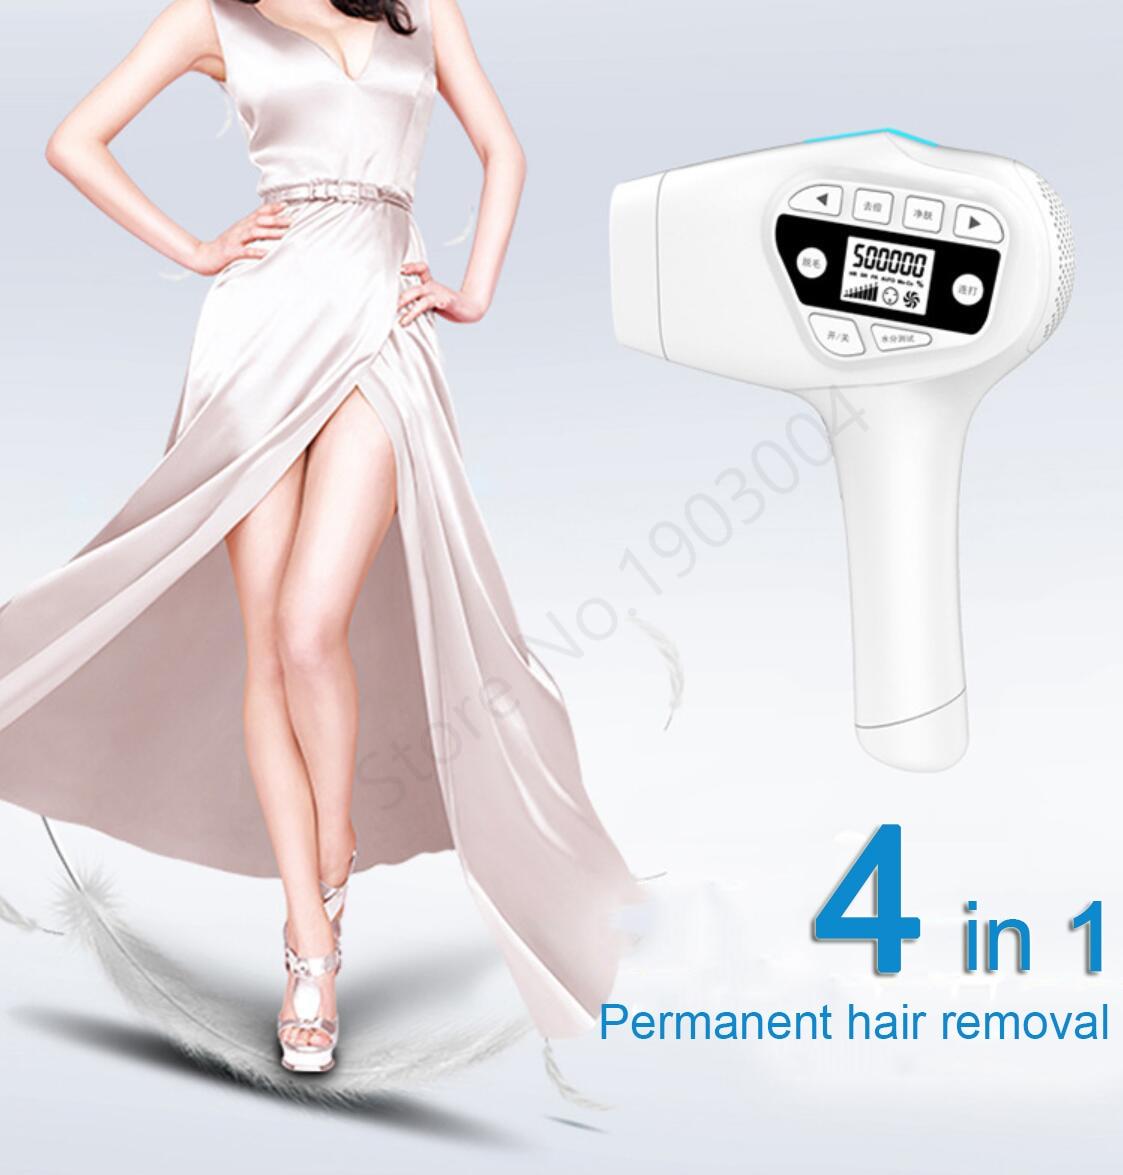 4in1 ipl depilação a laser permanente depilador